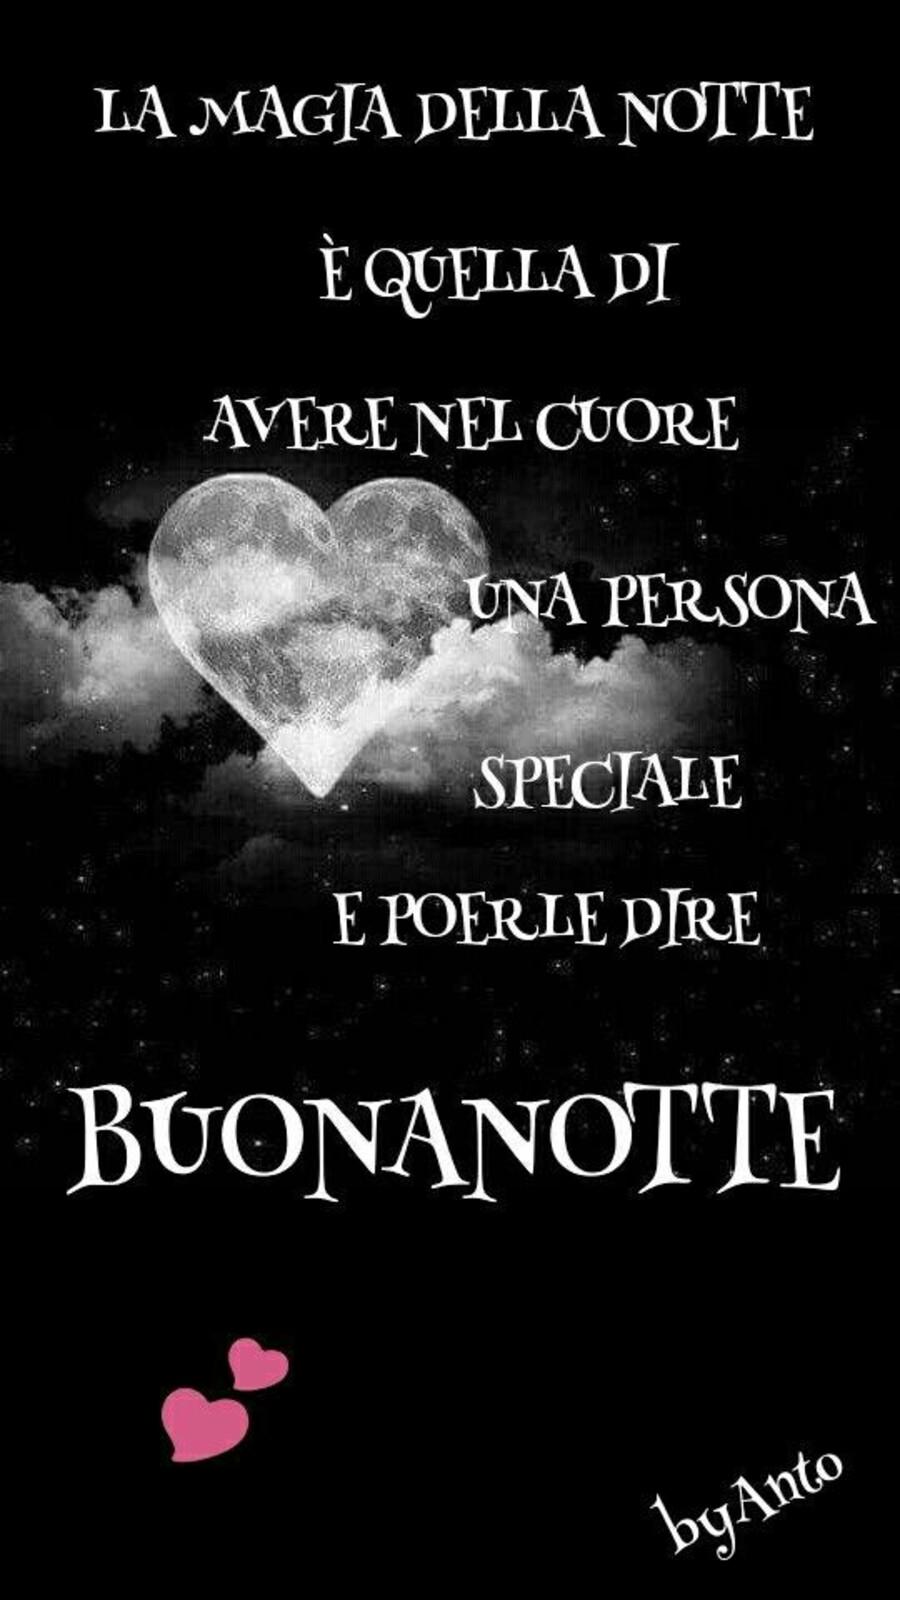 """""""La magia della notte è quella di avere nel cuore una Persona Speciale e poterle dire BUONANOTTE"""""""